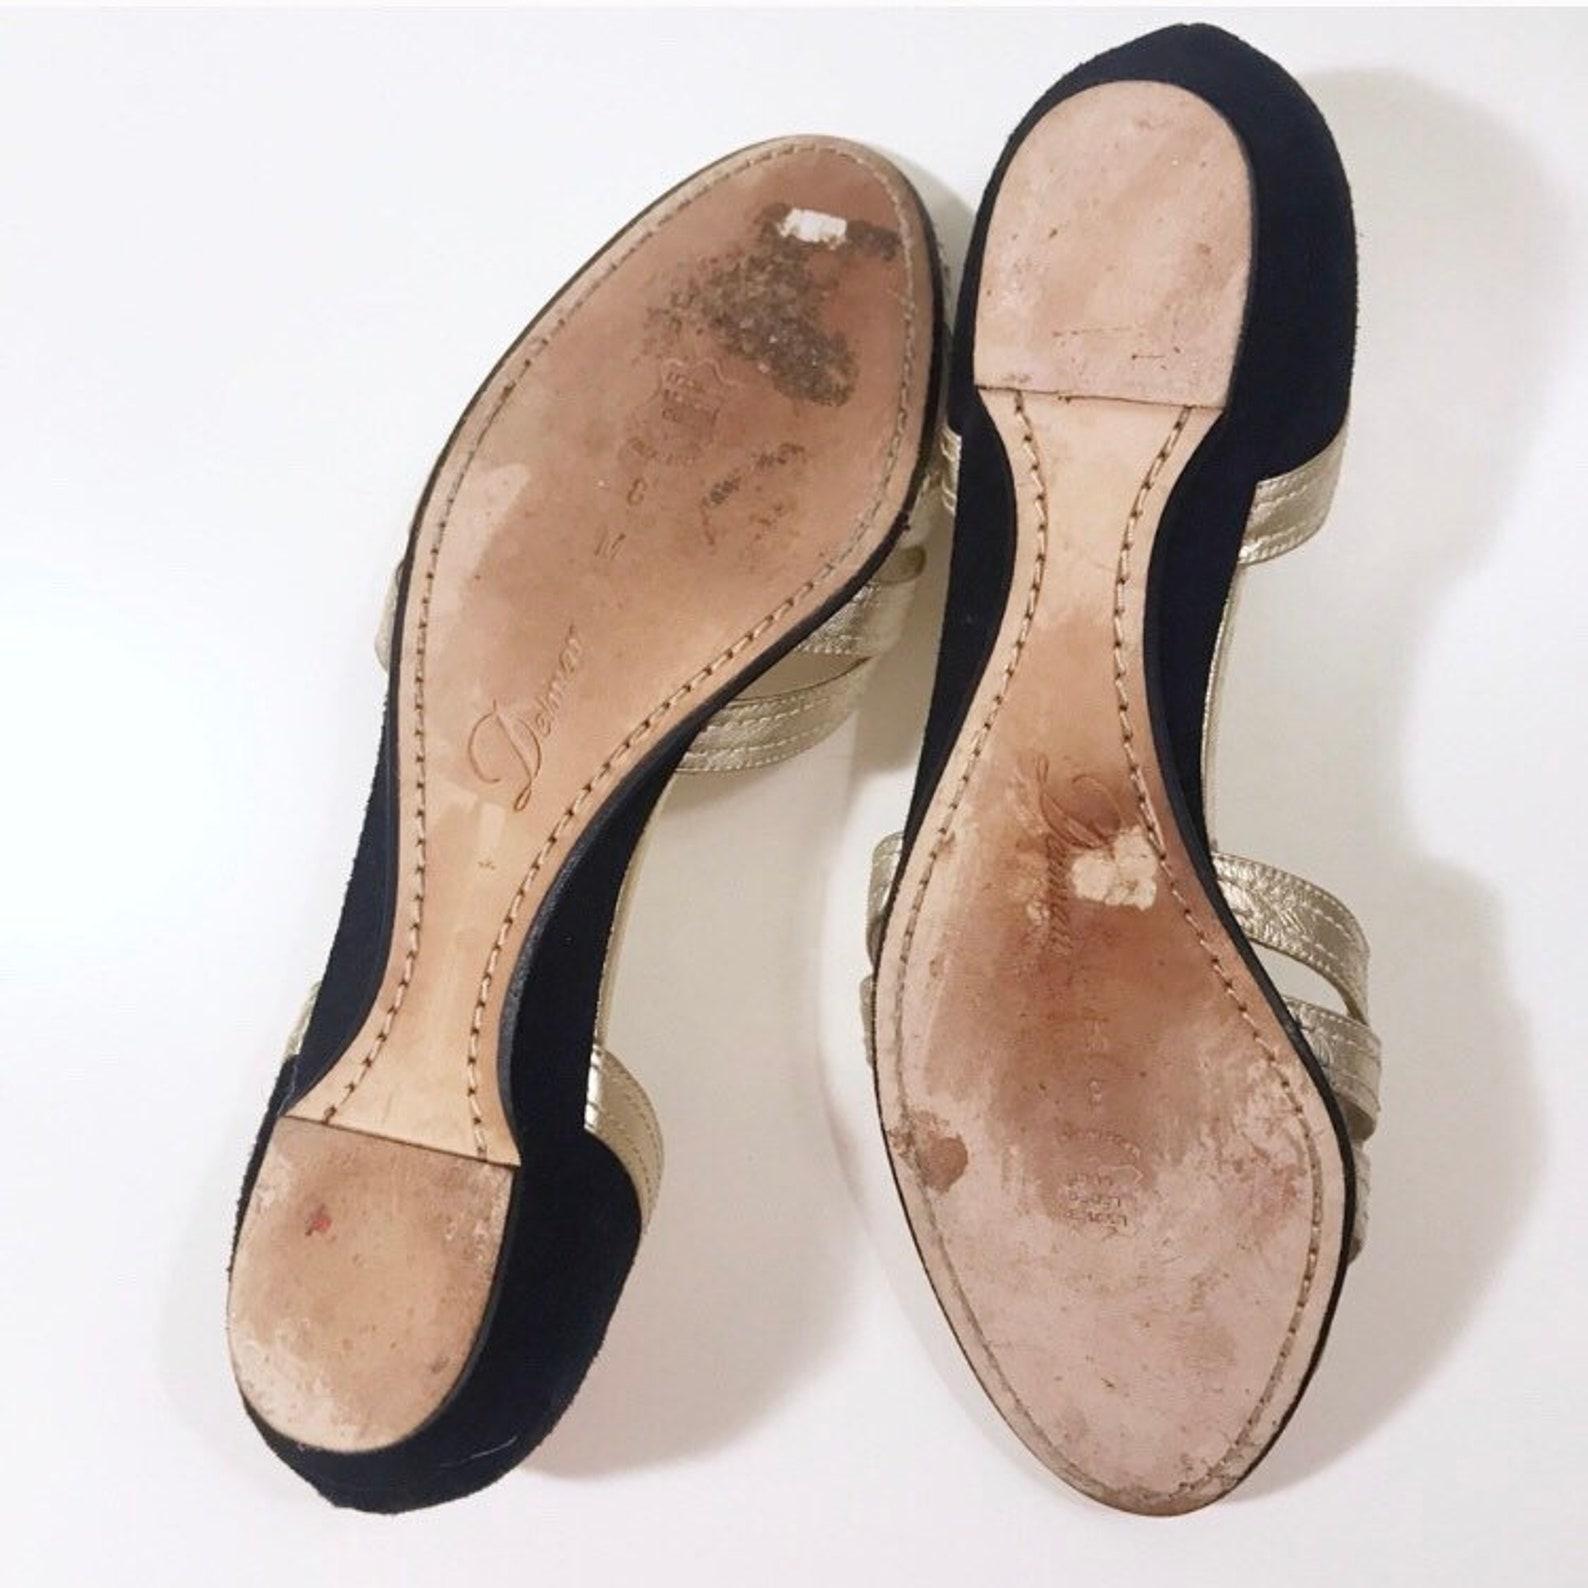 vintage delman peep toe, gold & black ballet flats